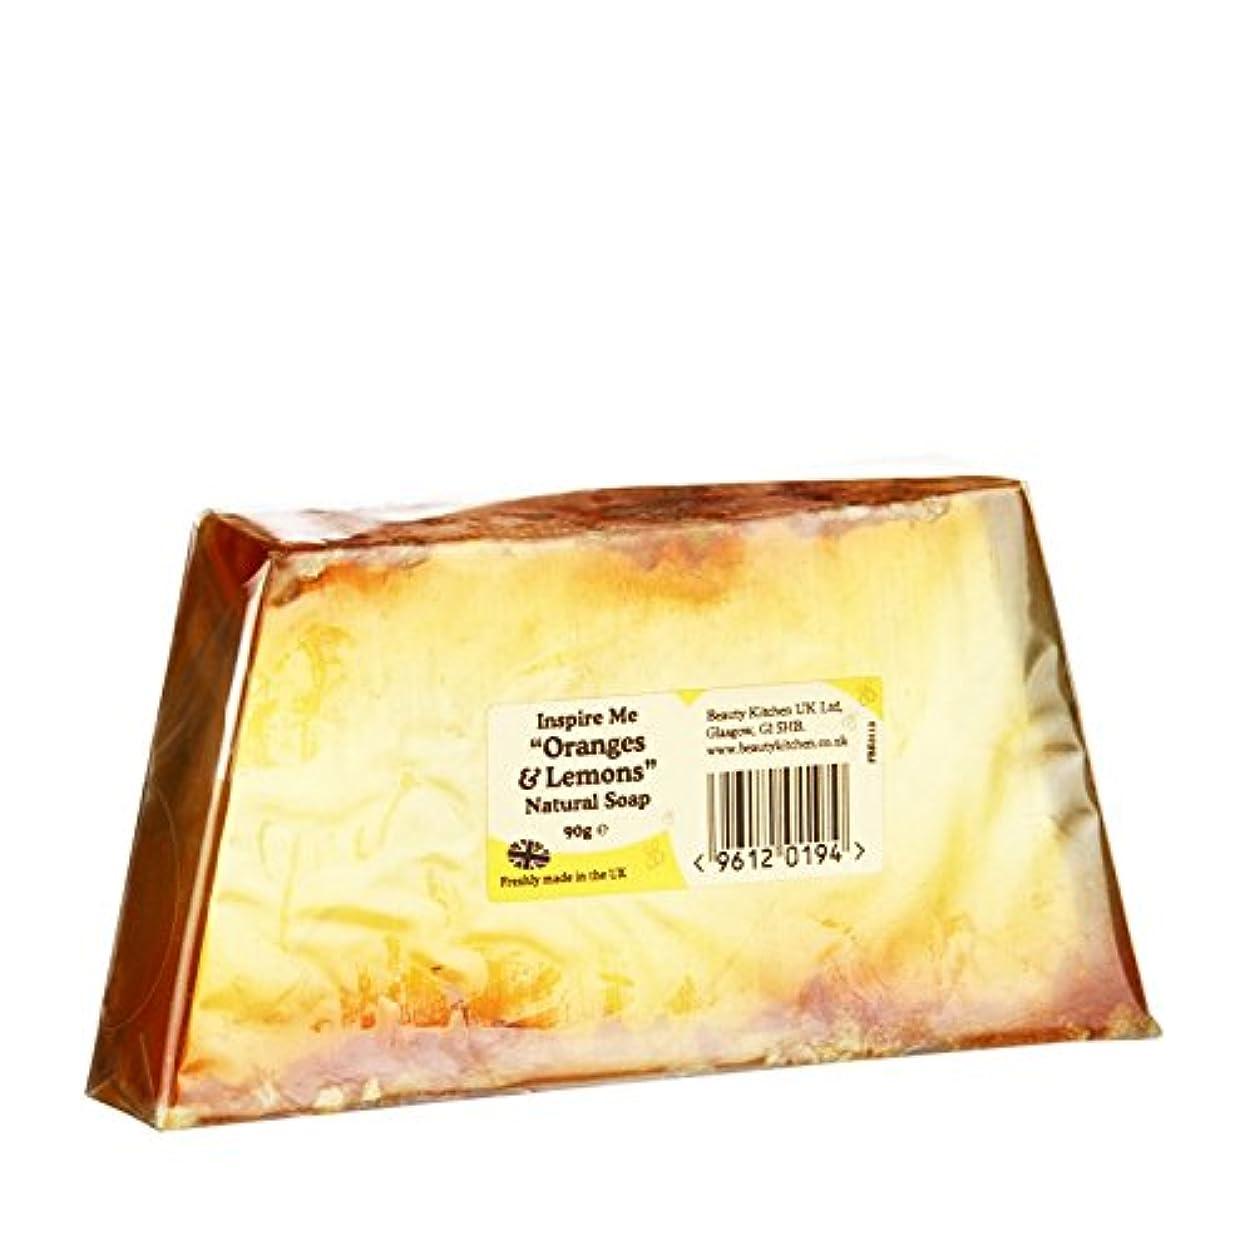 練習乙女援助する美しさのキッチンは私がオレンジ&レモンの天然石鹸90グラム鼓舞します - Beauty Kitchen Inspire Me Orange & Lemon Natural Soap 90g (Beauty Kitchen...